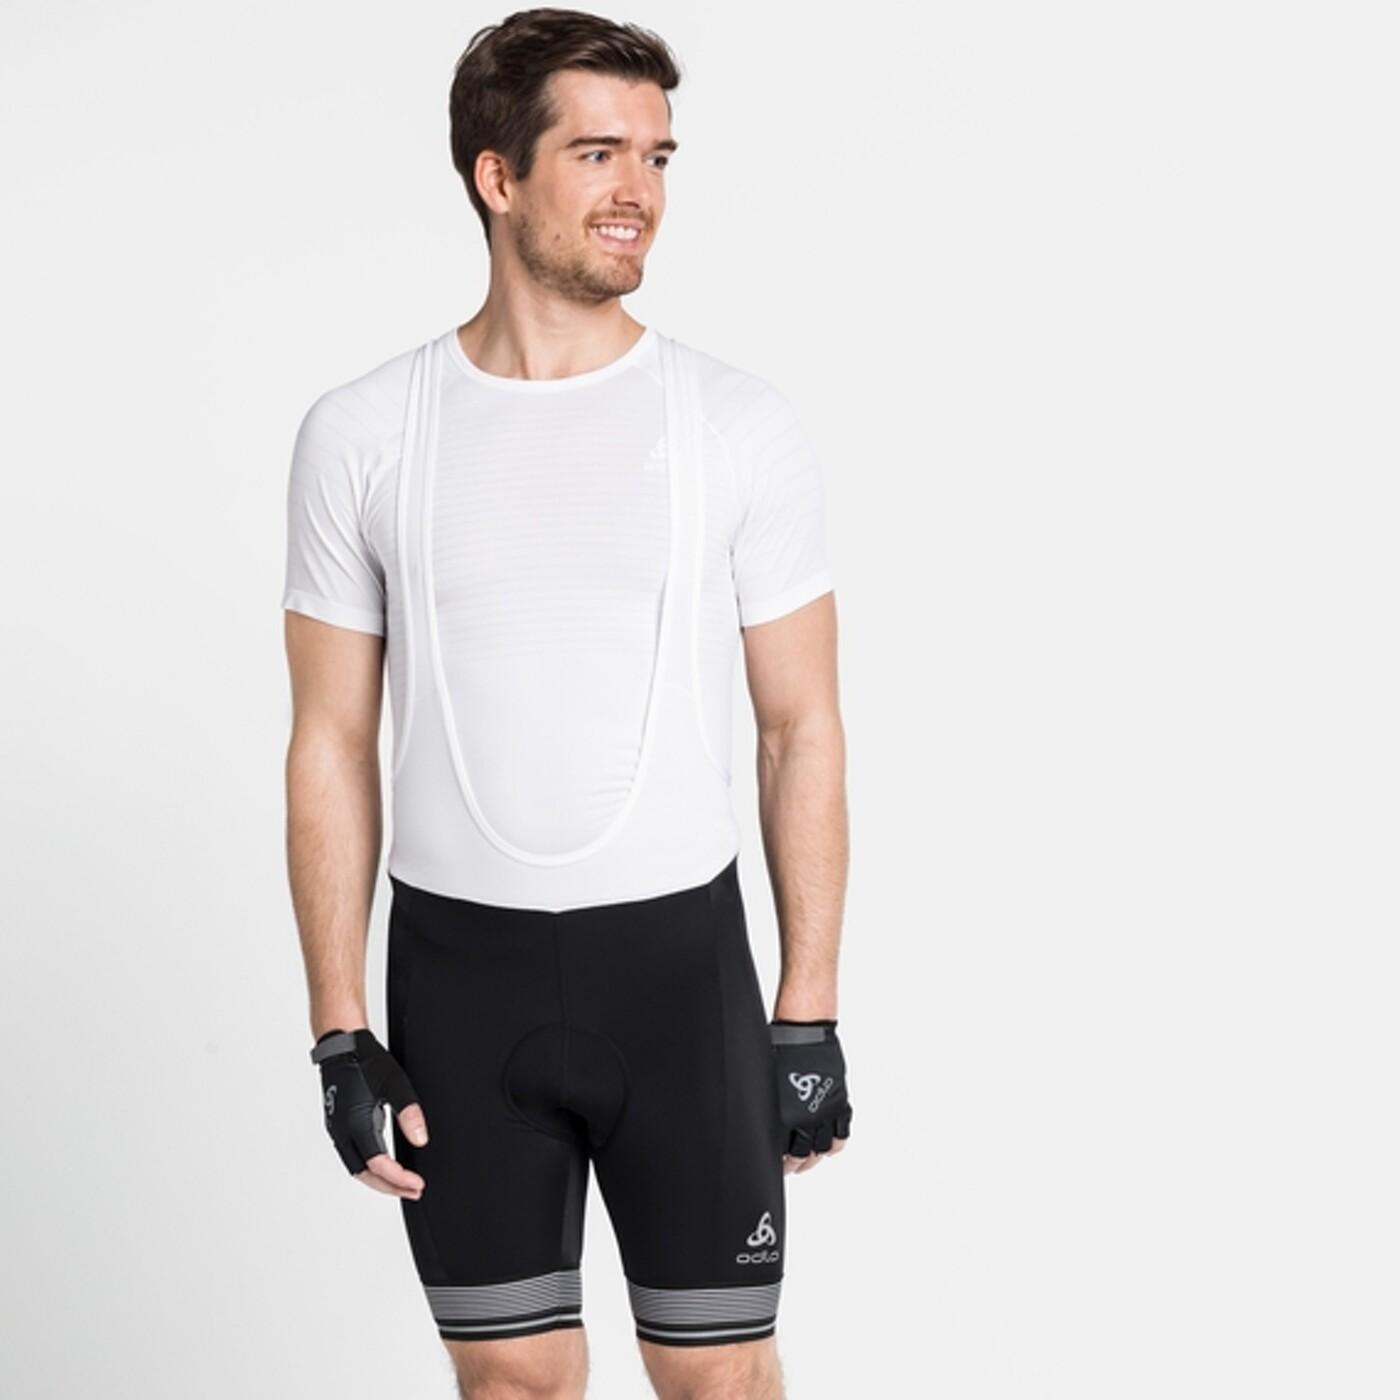 ODLO Tights short suspenders ZEROWE - Herren